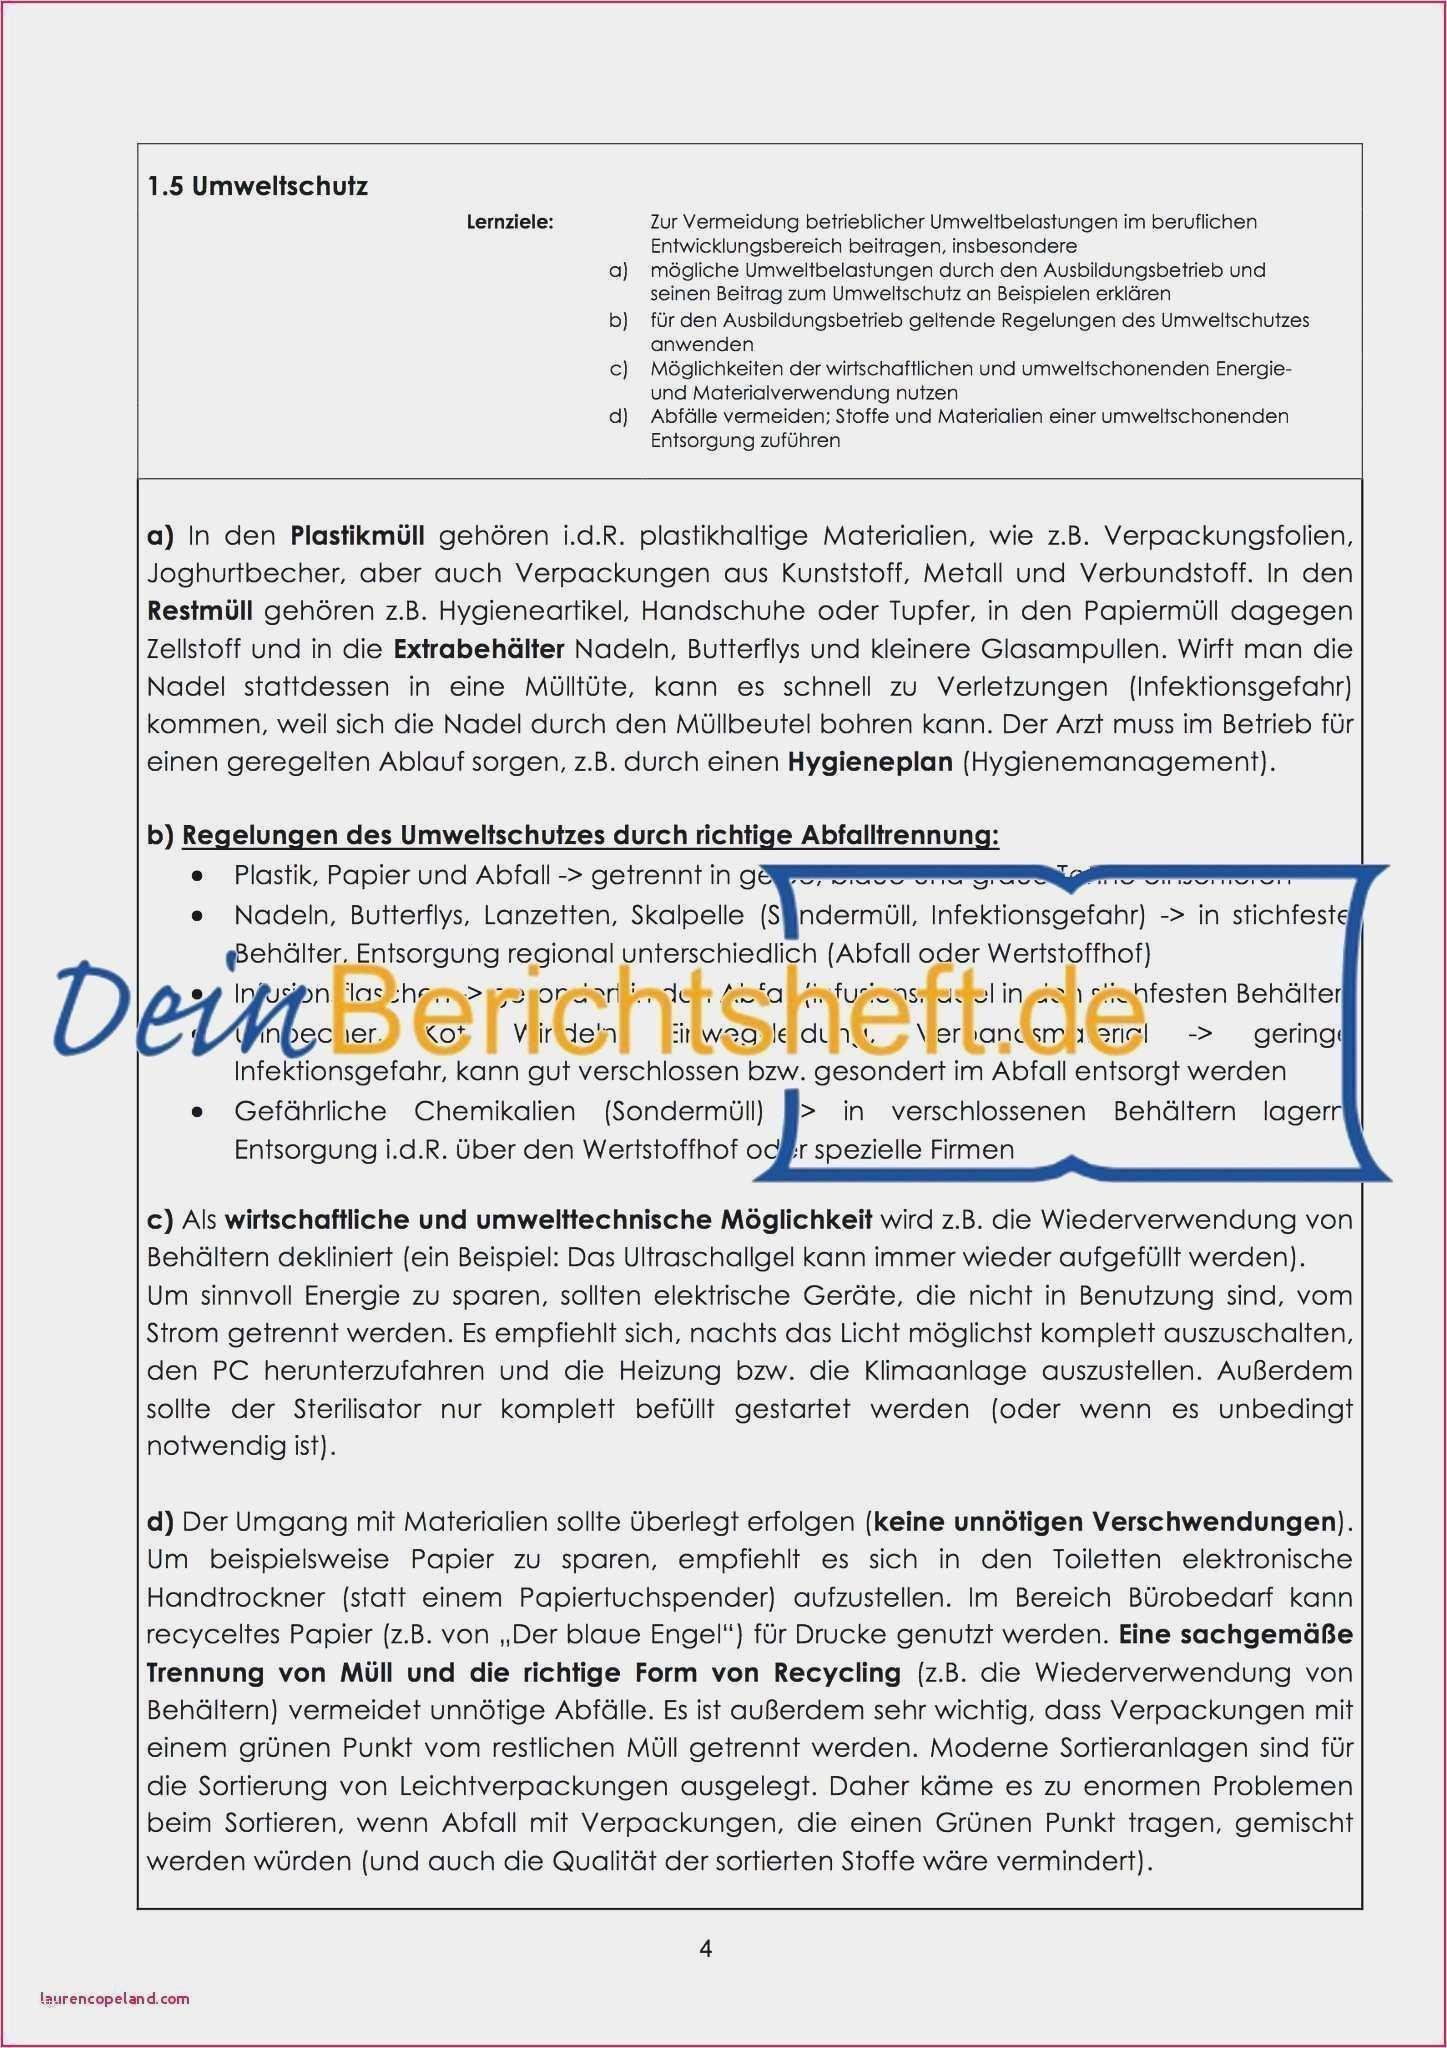 Unterweisungen Nach 12 Arbeitsschutzgesetz Muster